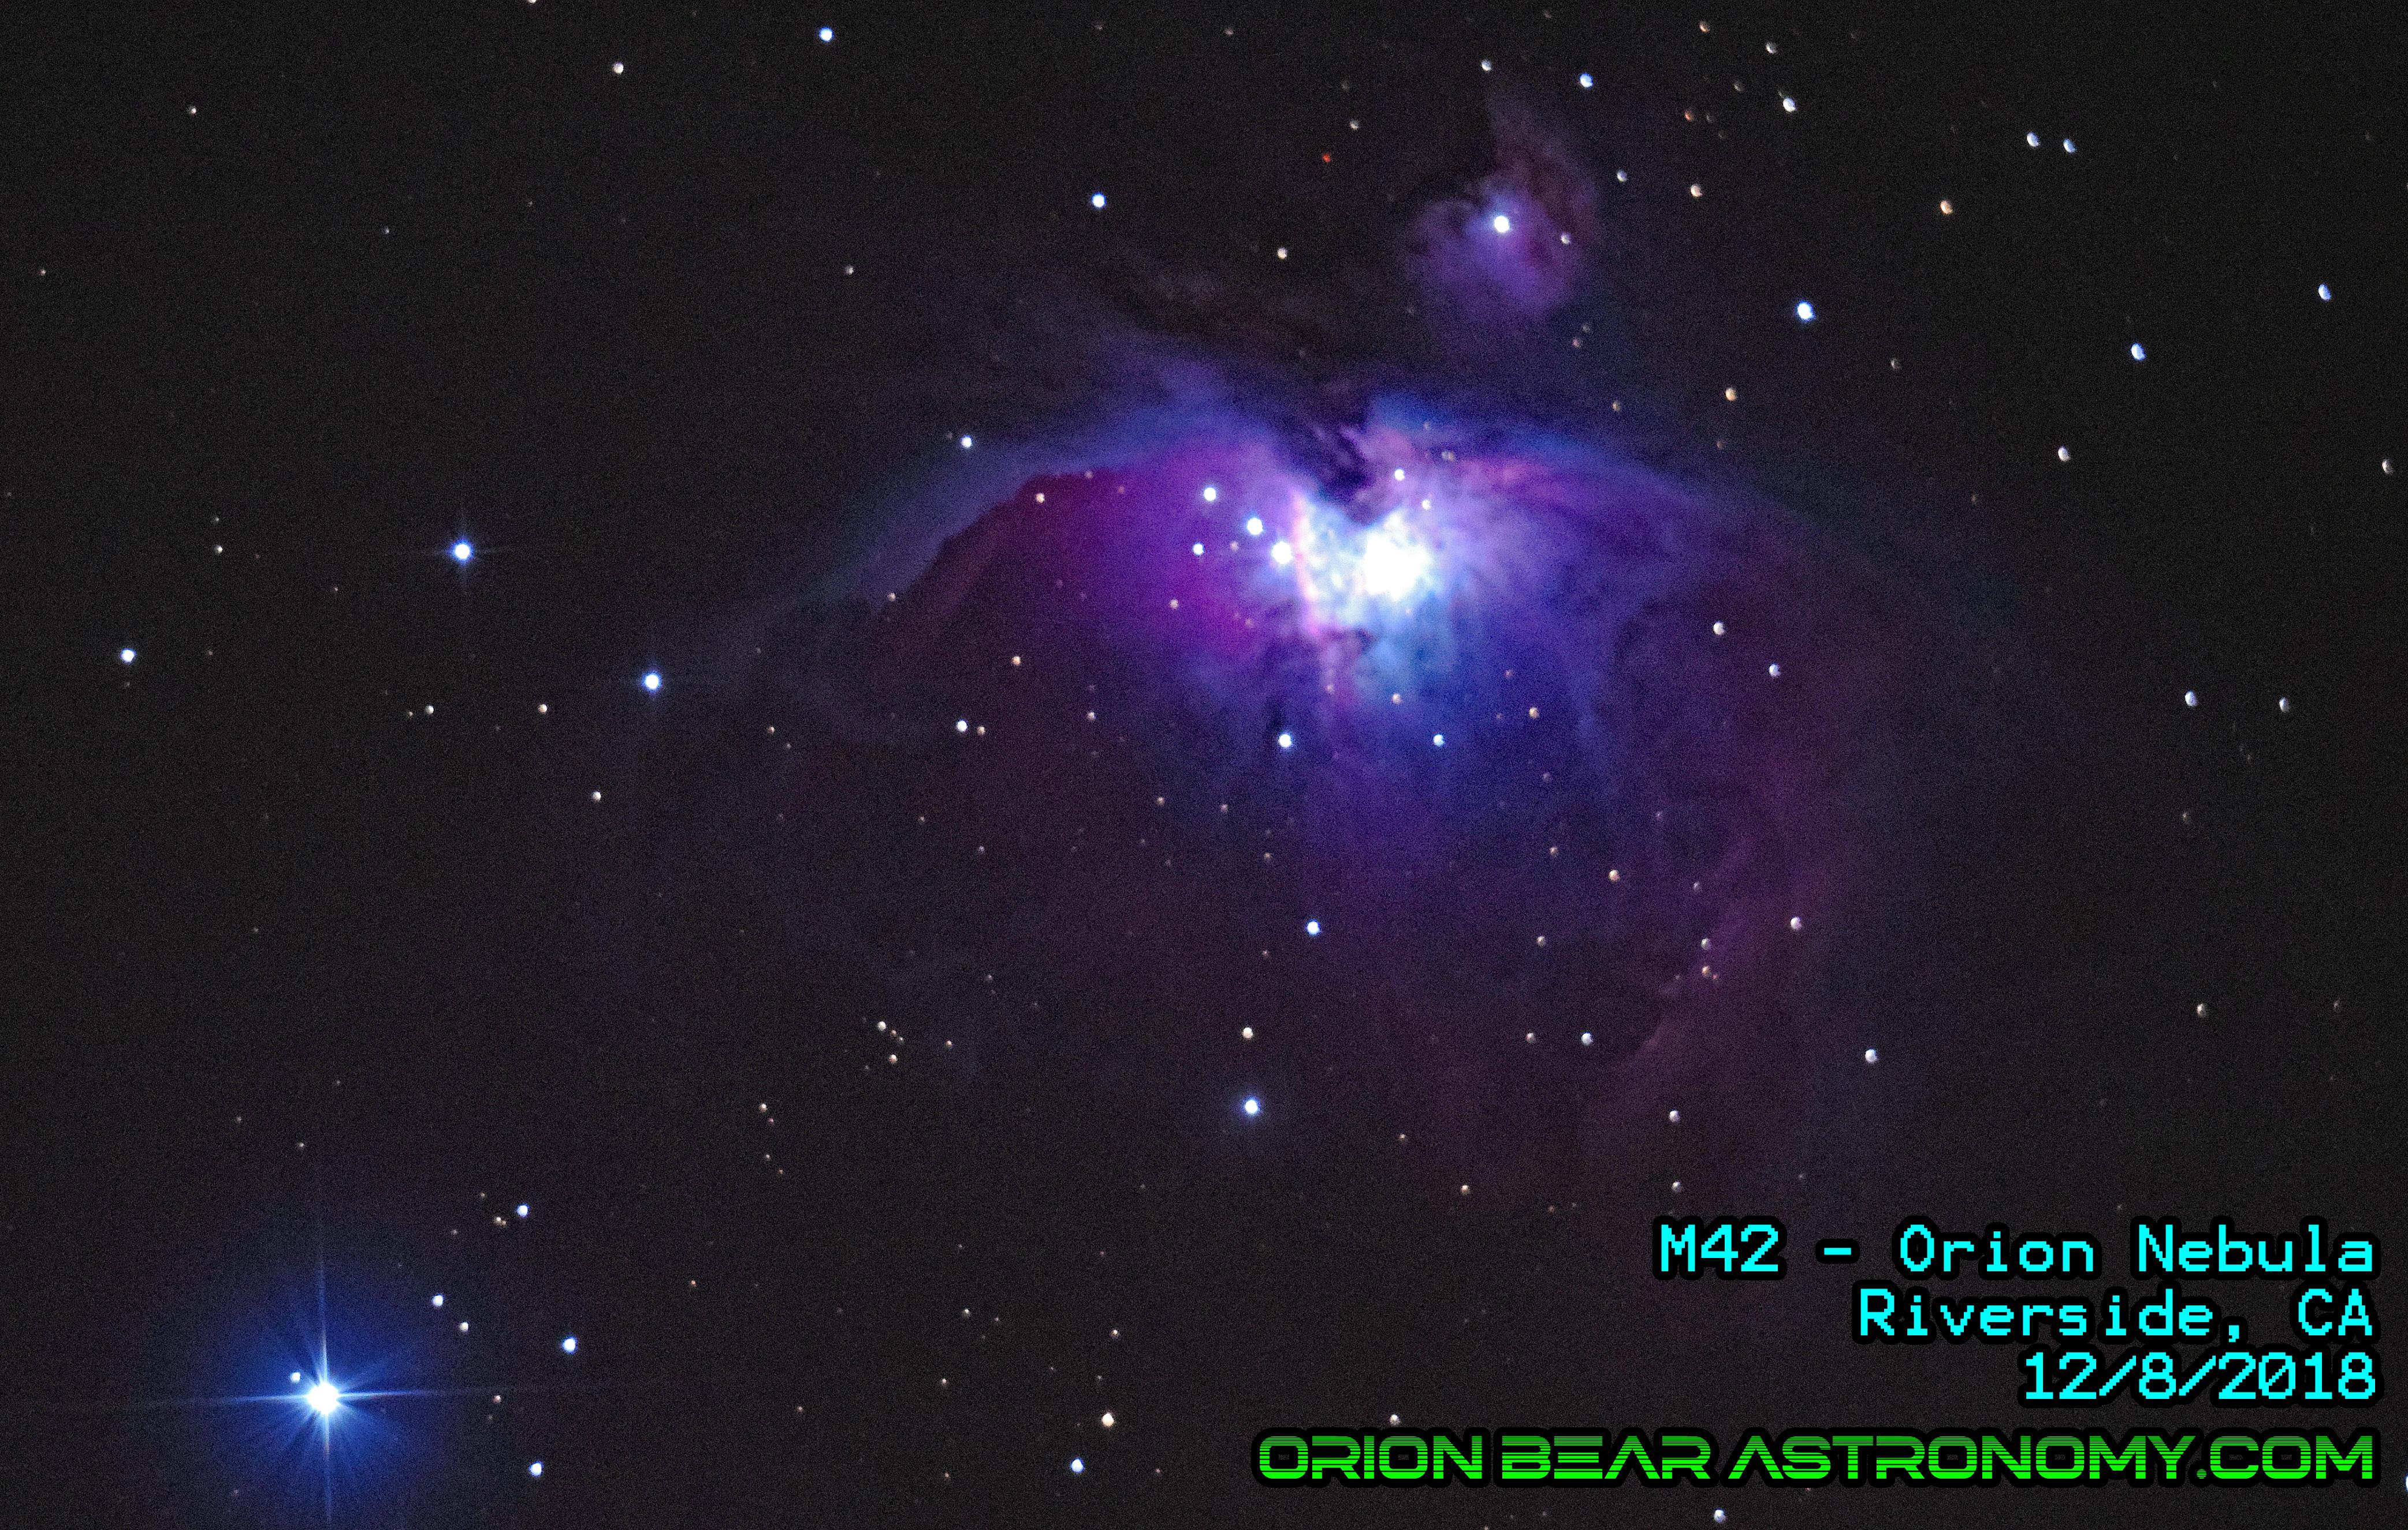 M42 - Riv